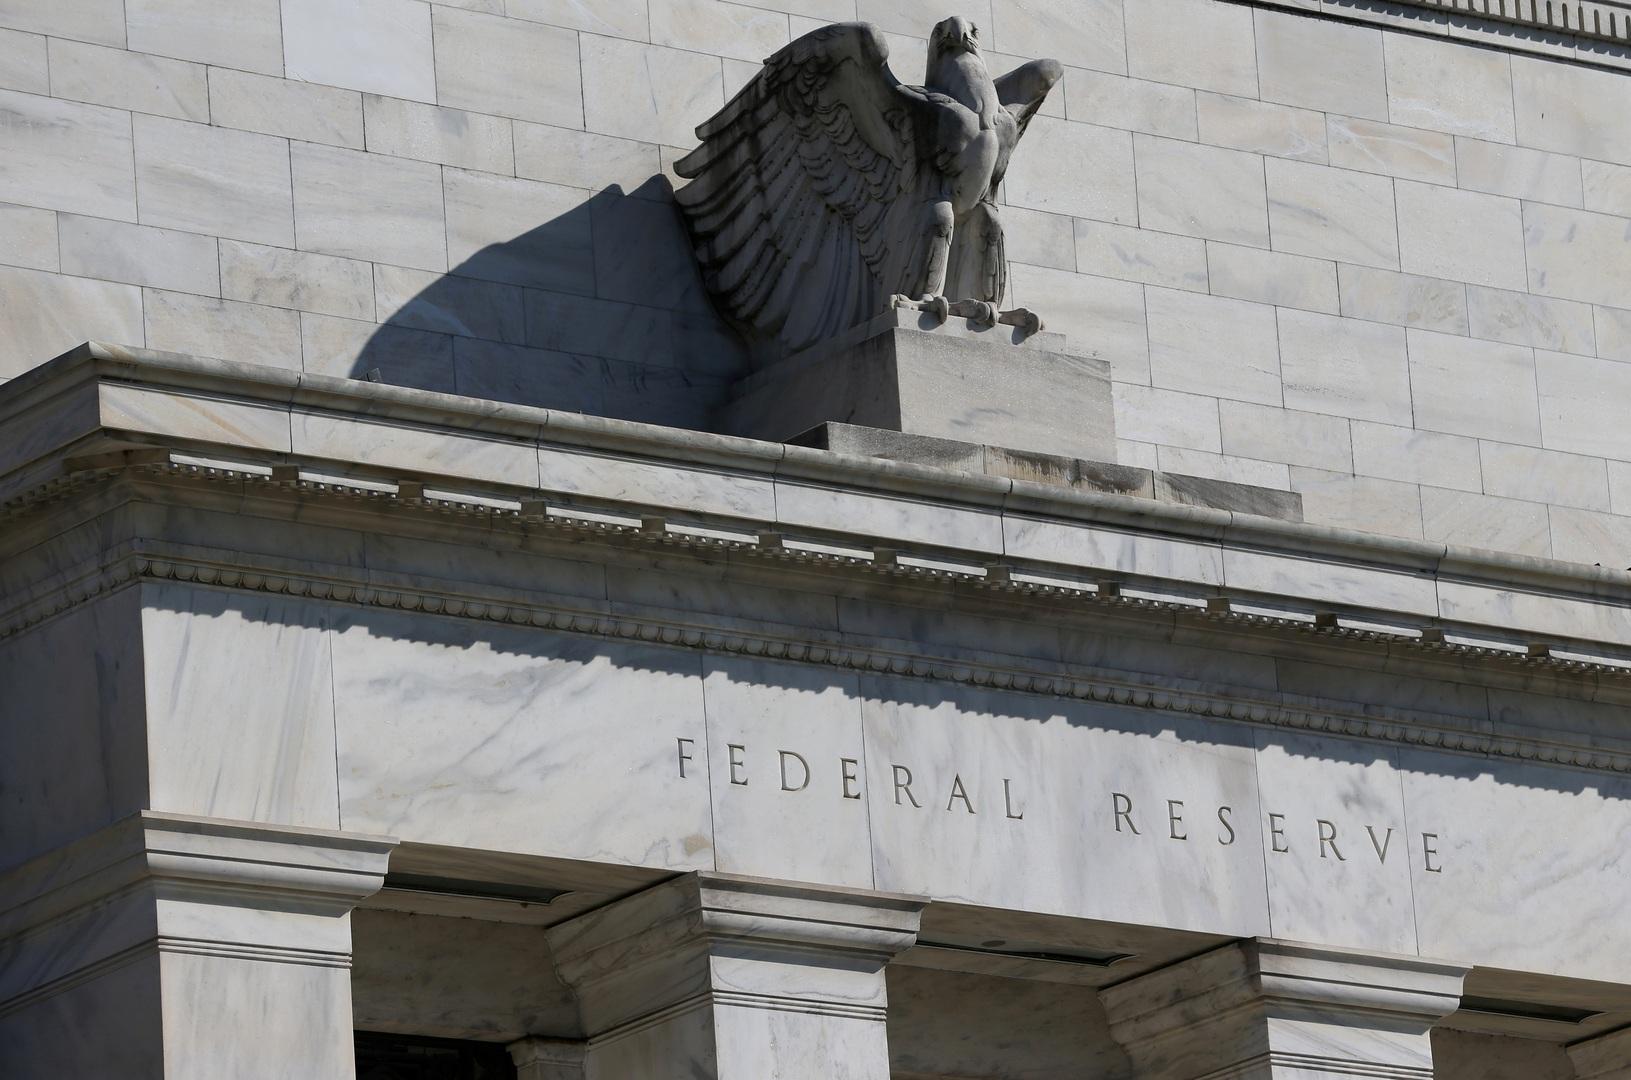 بنوك مركزية خليجية وعربية تخفض سعر الفائدة على خطى المركزي الأمريكي